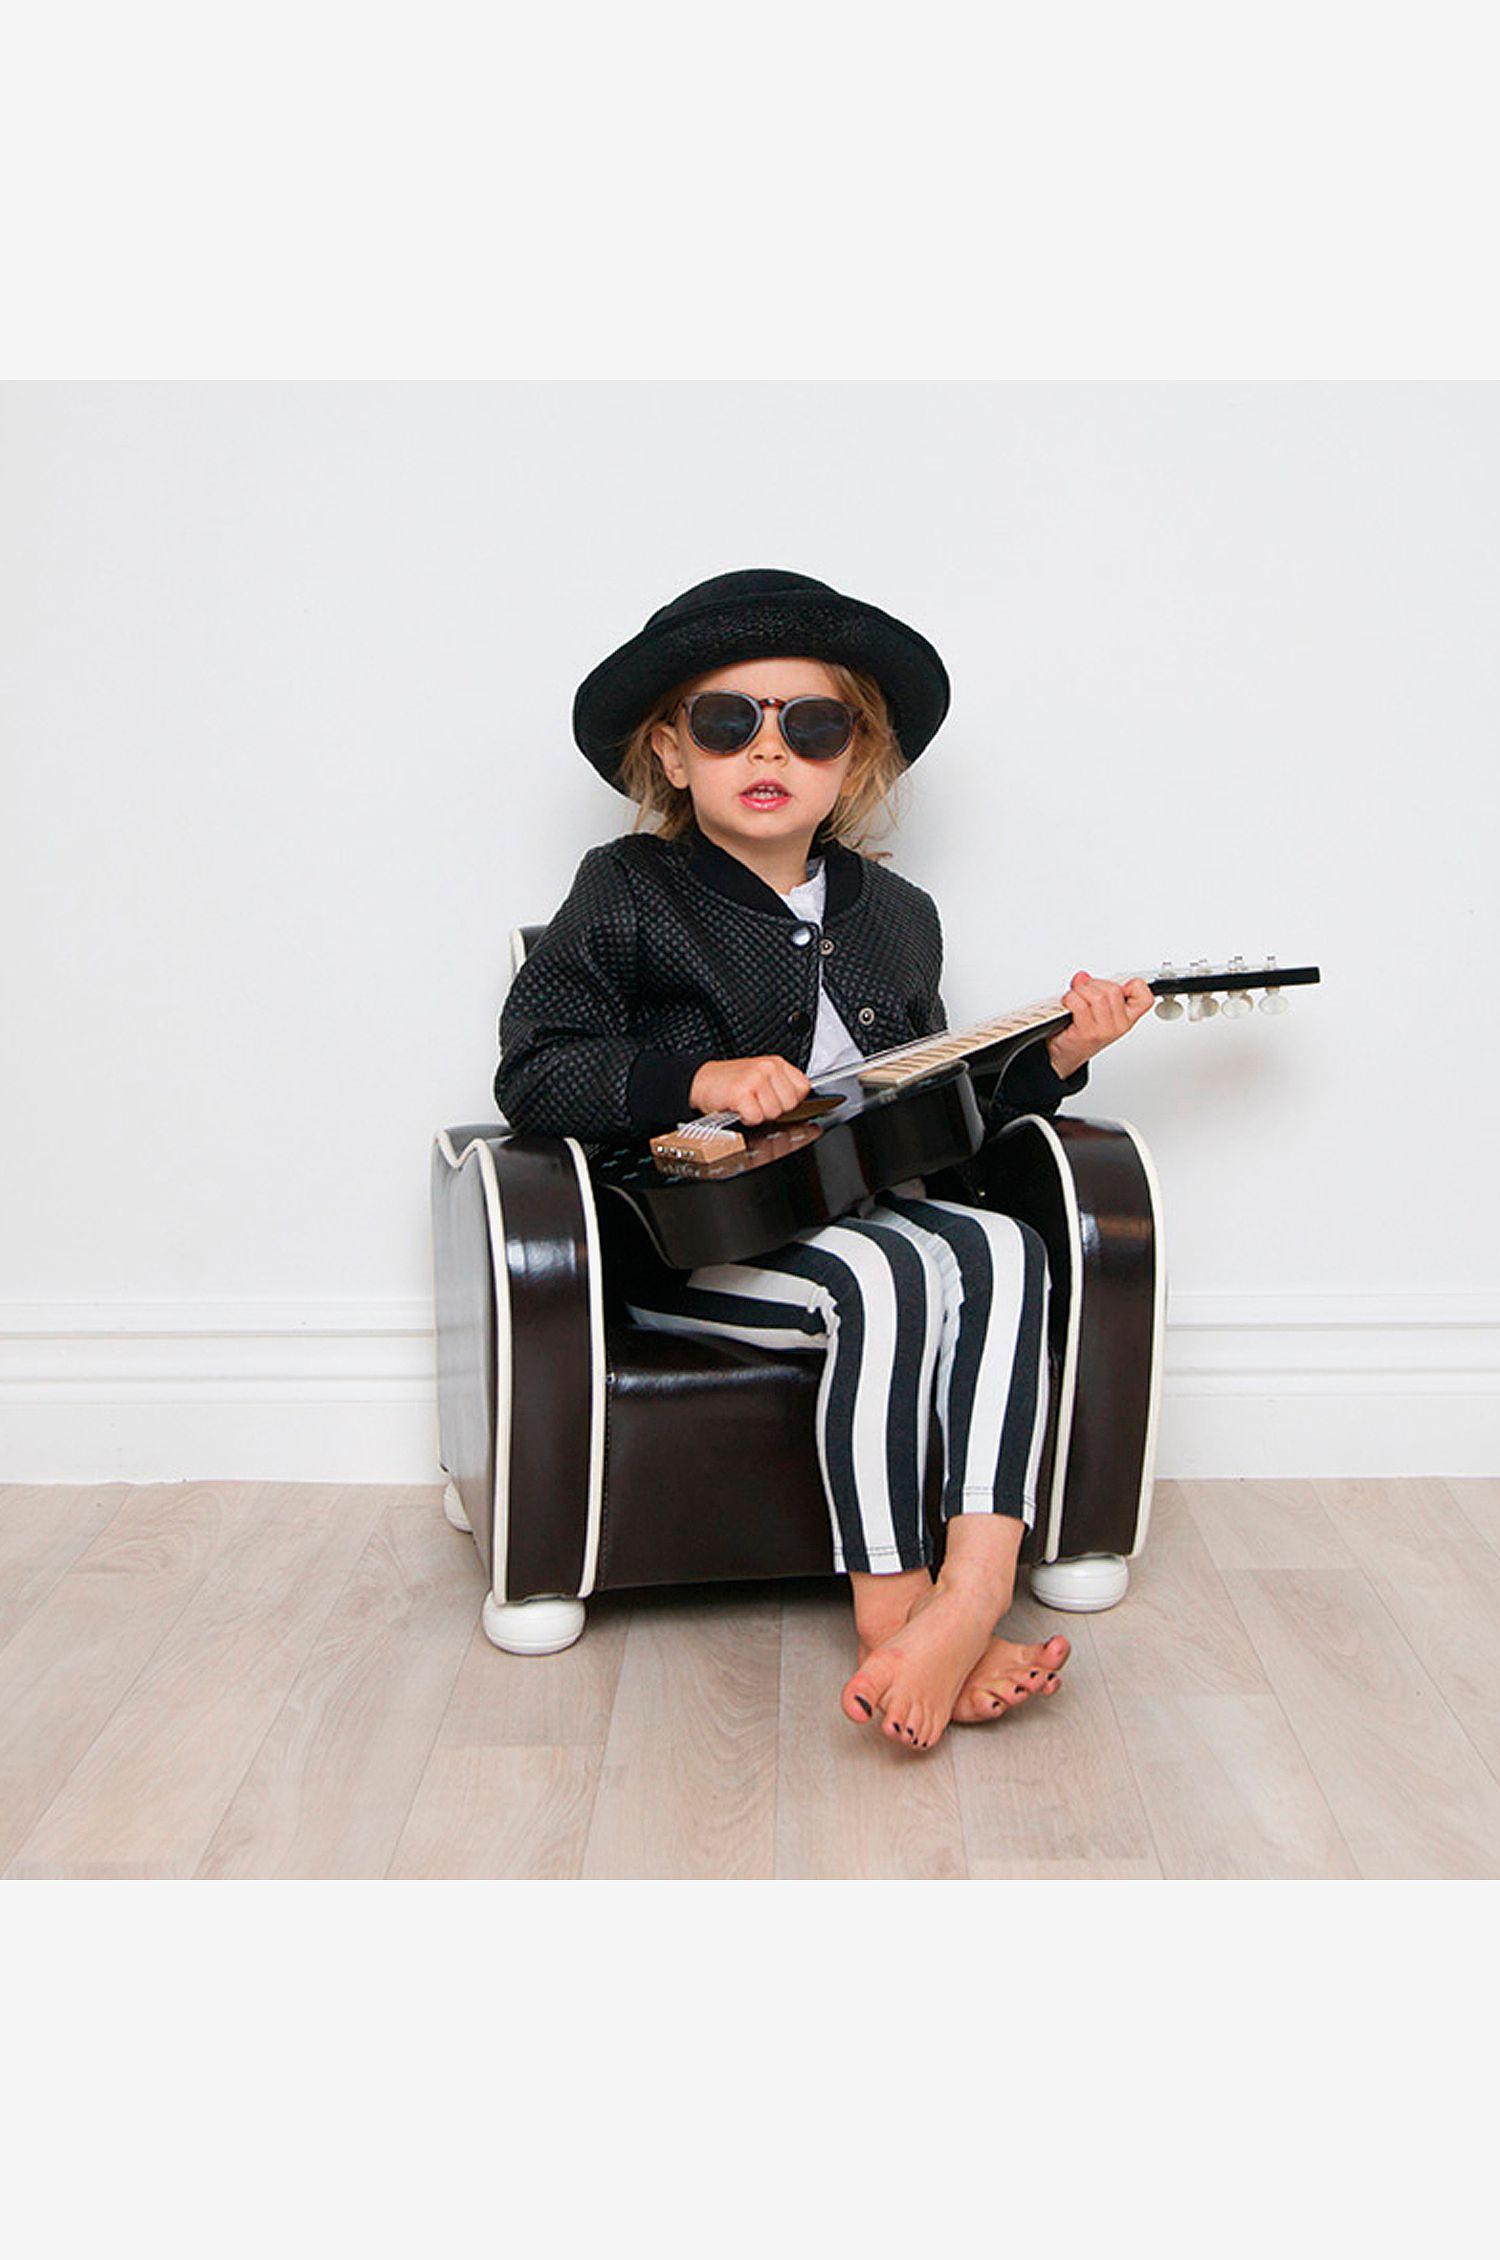 barn-gitarr-svart-stjärnor-trä-